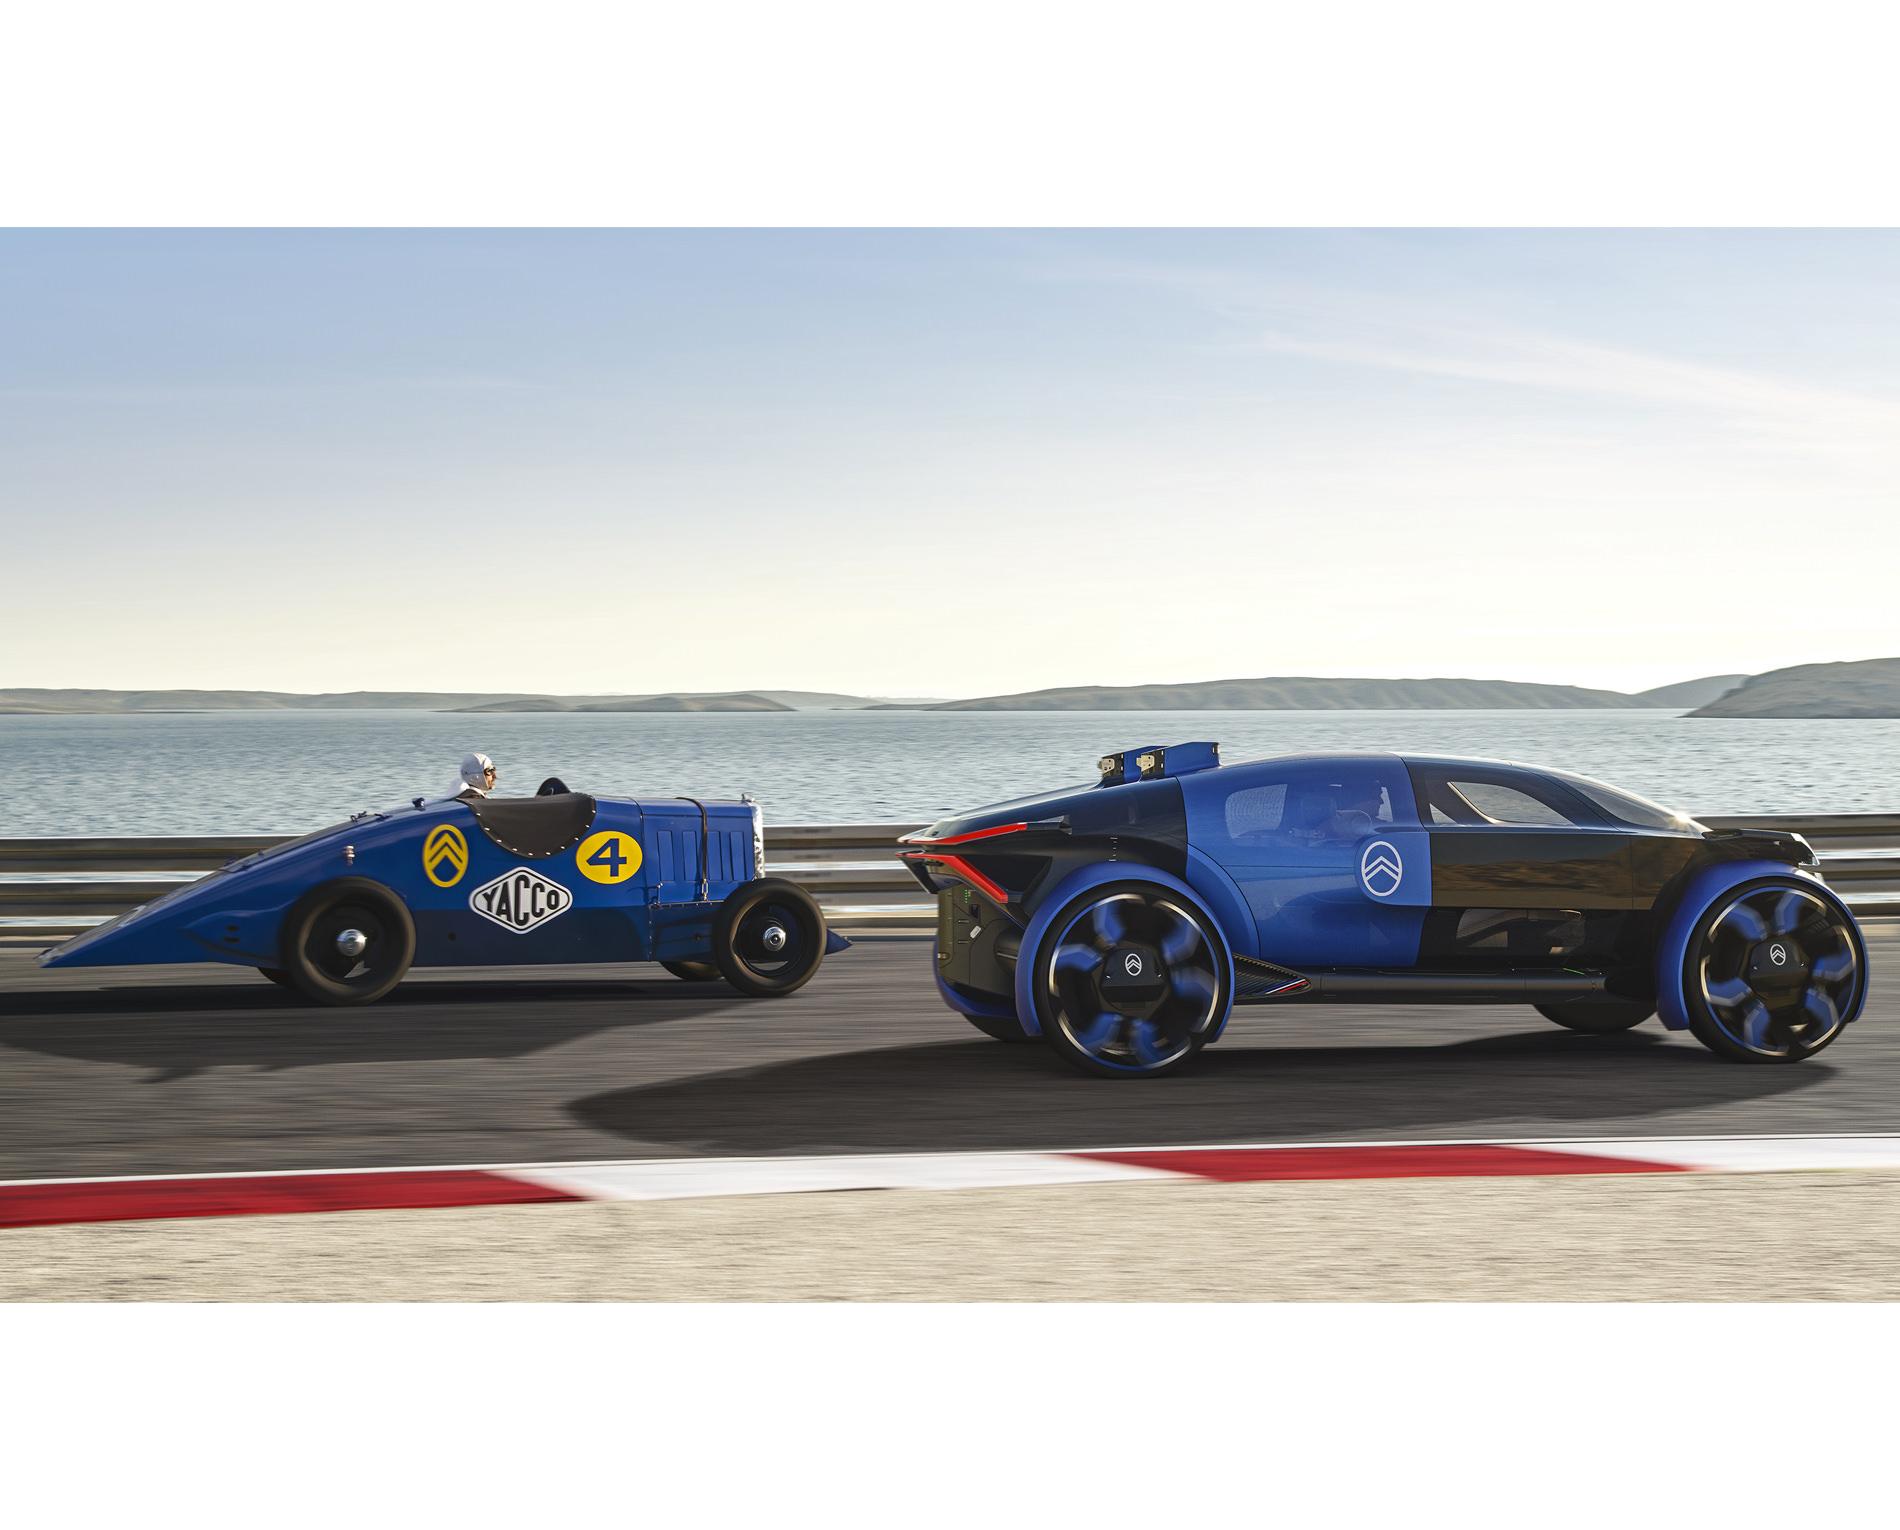 Citroen 19_19 Concept Car Electrique Voyage Extra Urbain Hors Ville